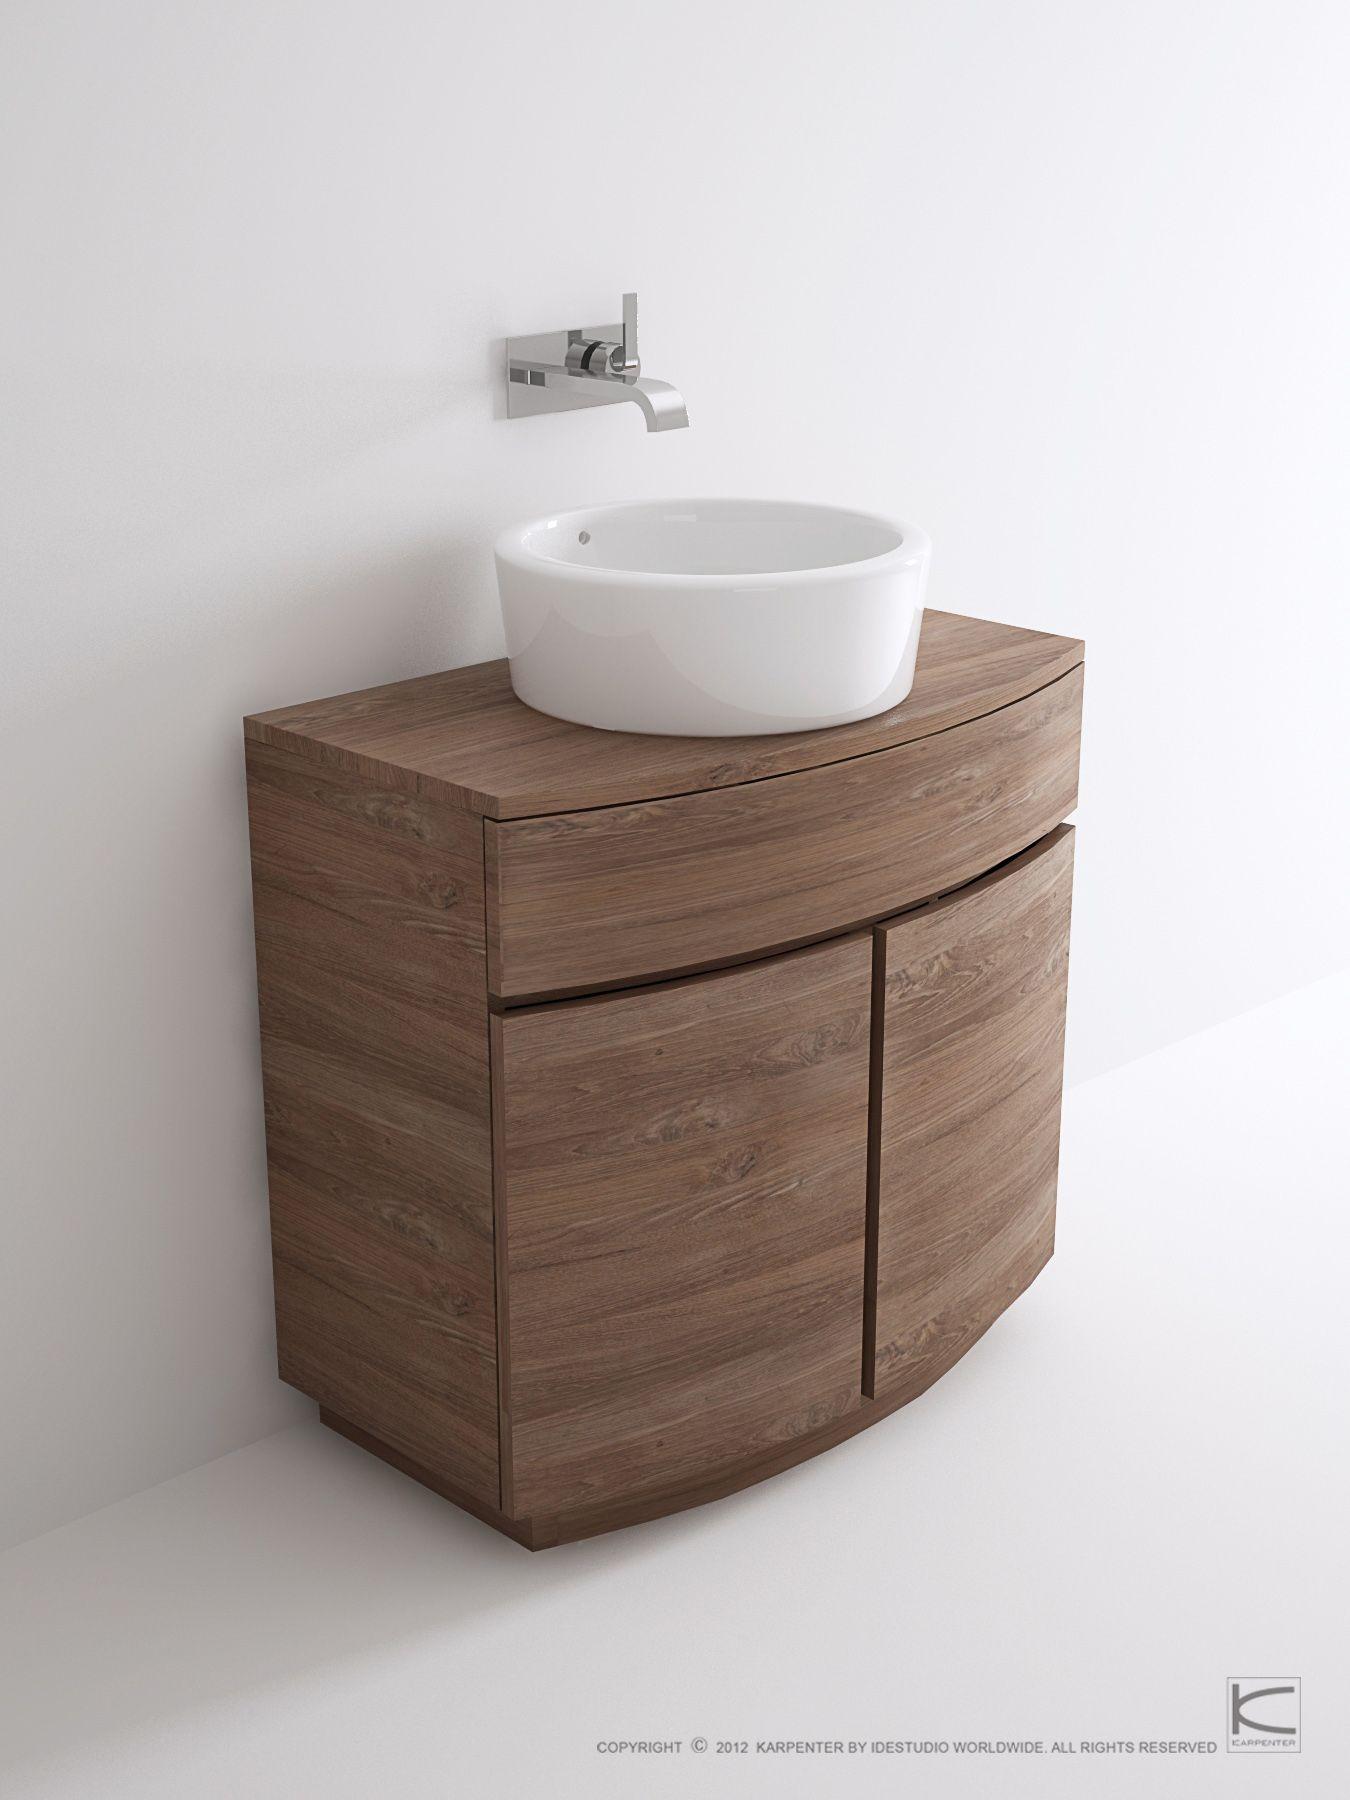 miles floor standing vanity unit by karpenter design hugues revuelta